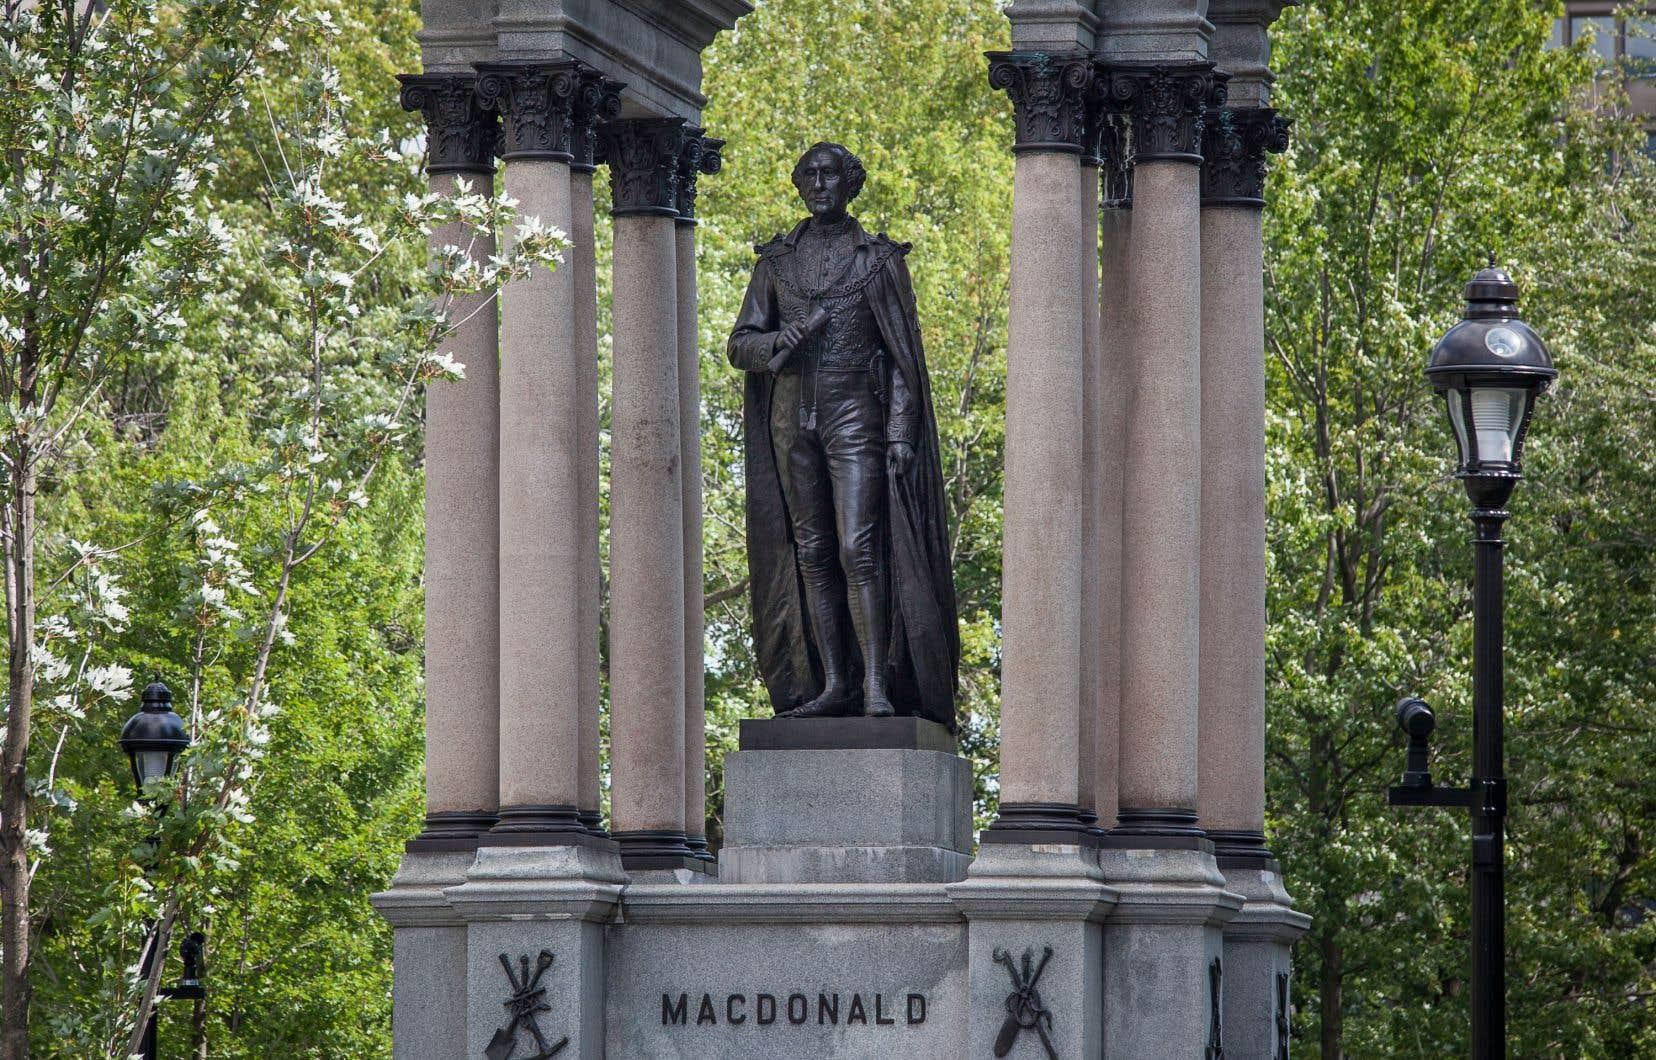 «Ce n'est pas en fustigeant une statue d'un premier ministre mort depuis plus d'un siècle qu'on s'acquitte de nos propres responsabilités envers nos concitoyens encore vivants», croit l'auteur.